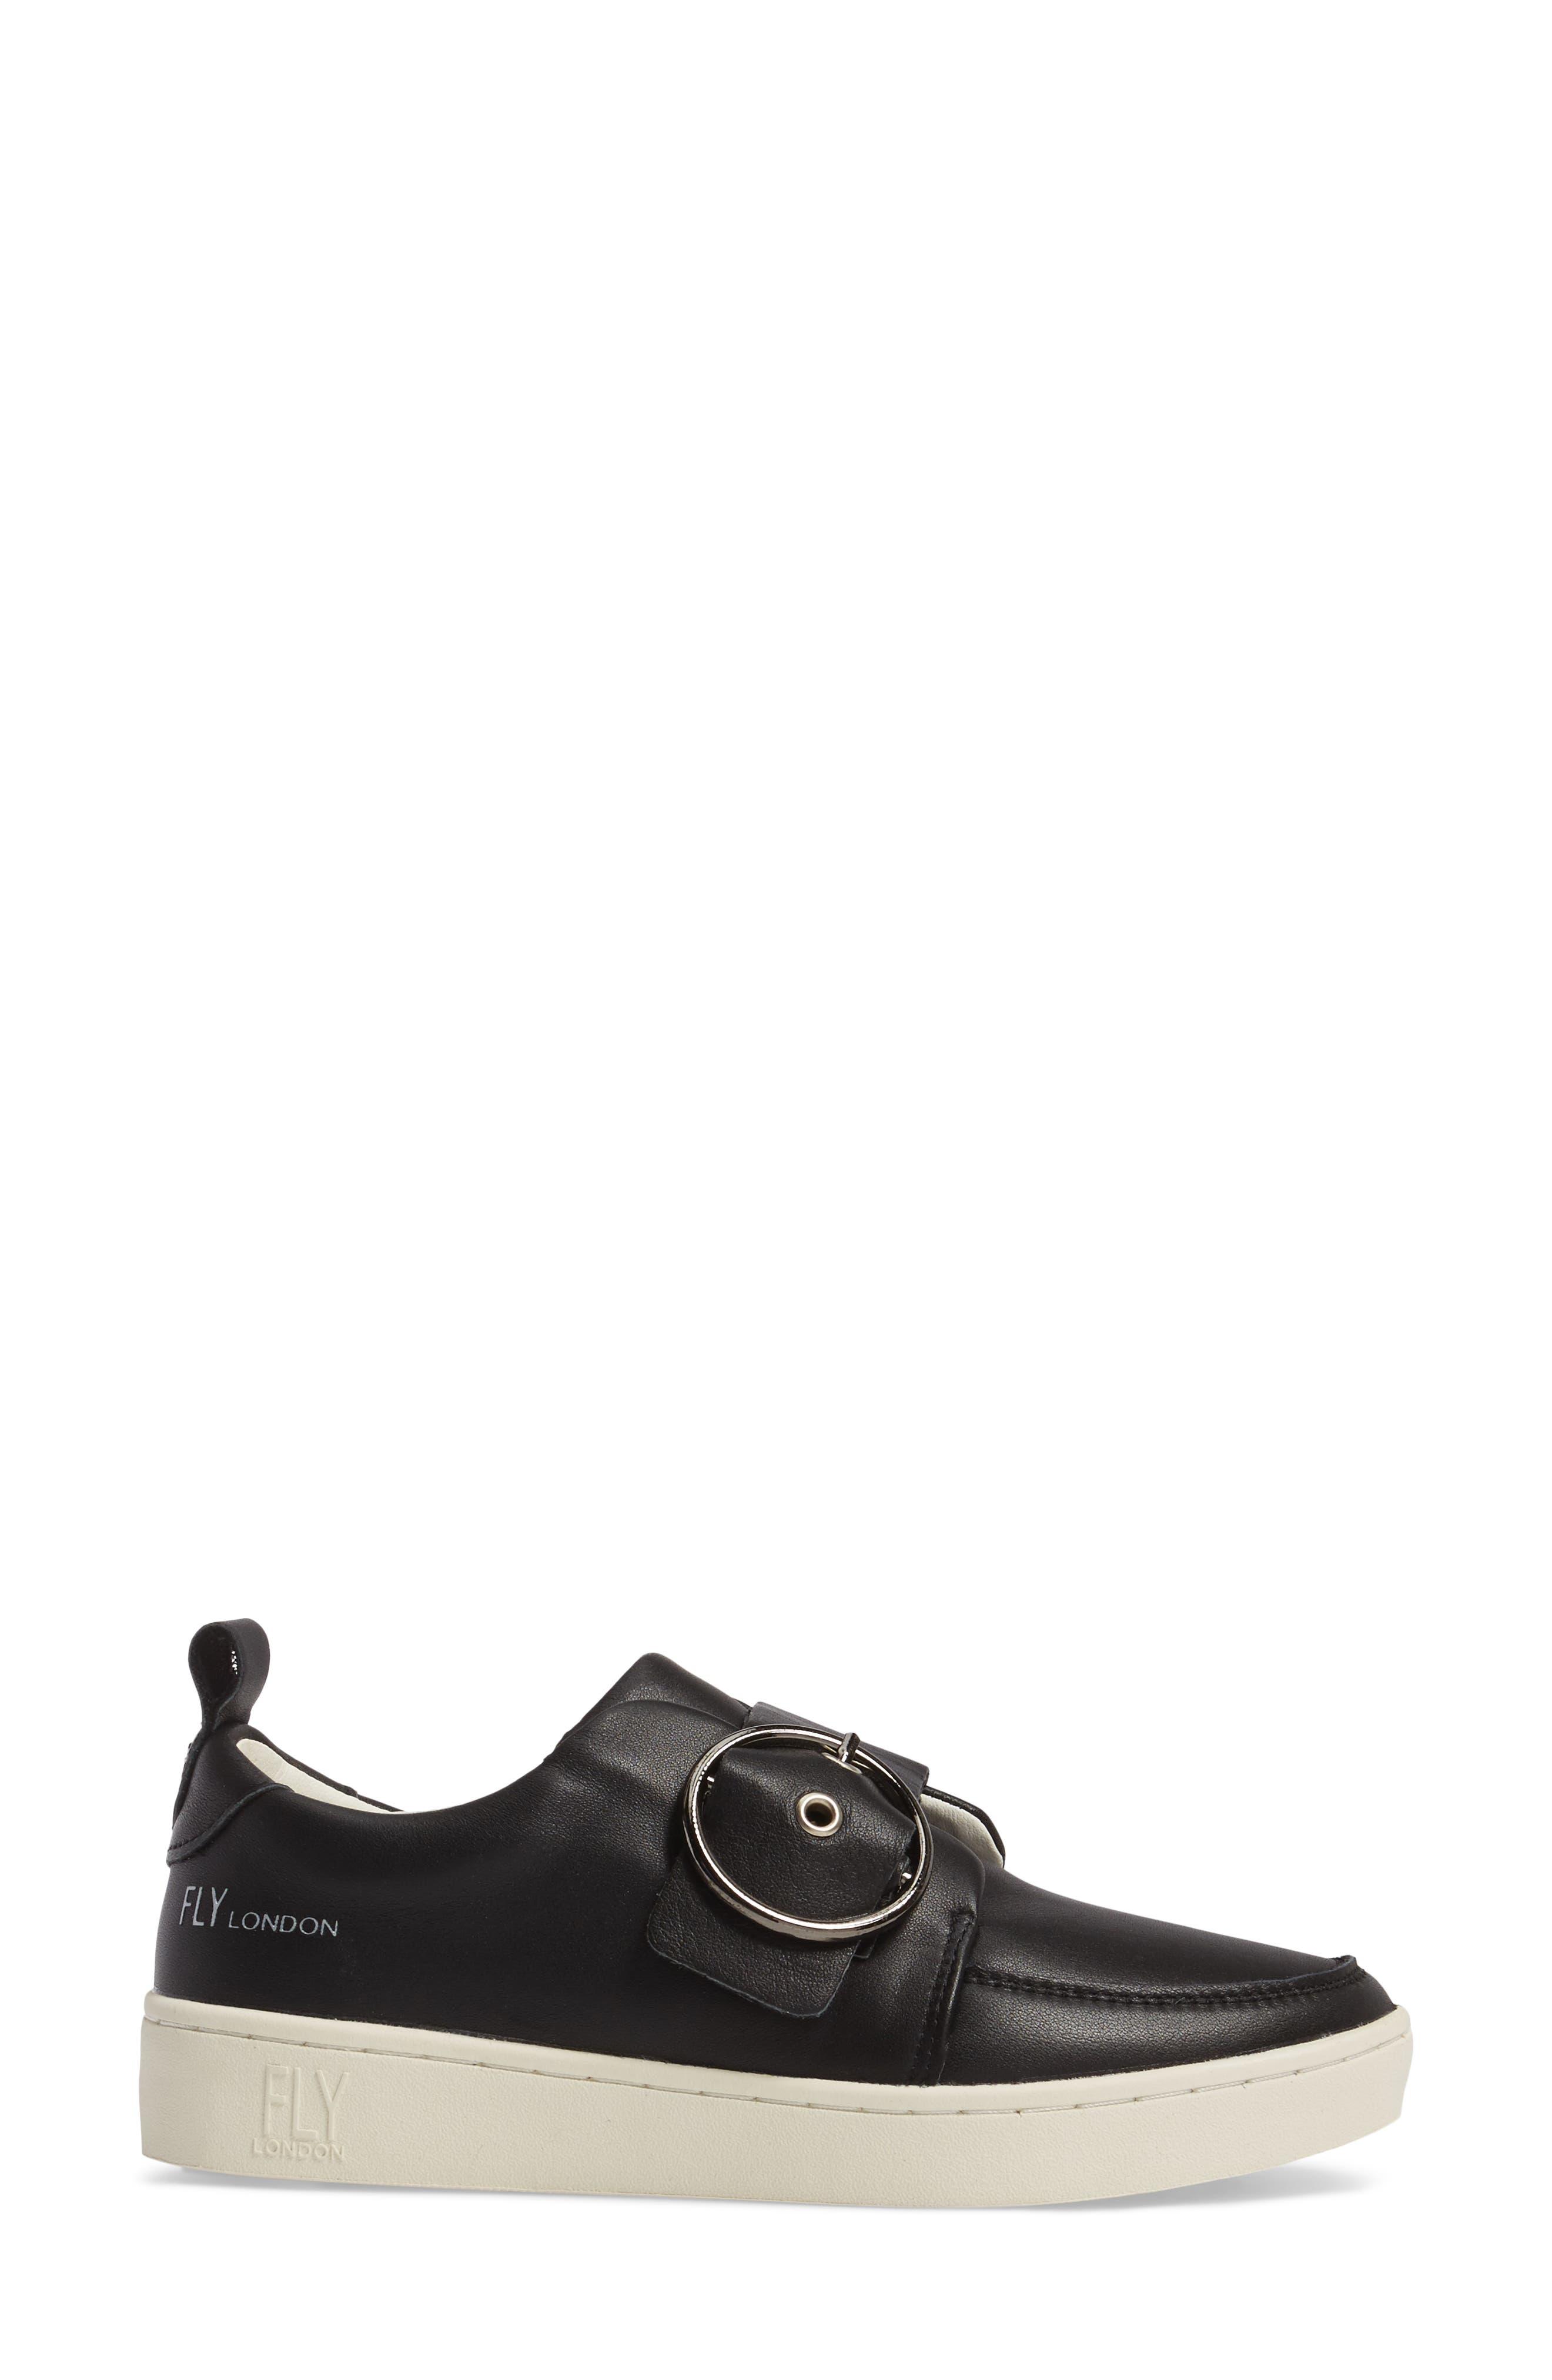 Alternate Image 3  - Fly London Mice Buckle Sneaker (Women)